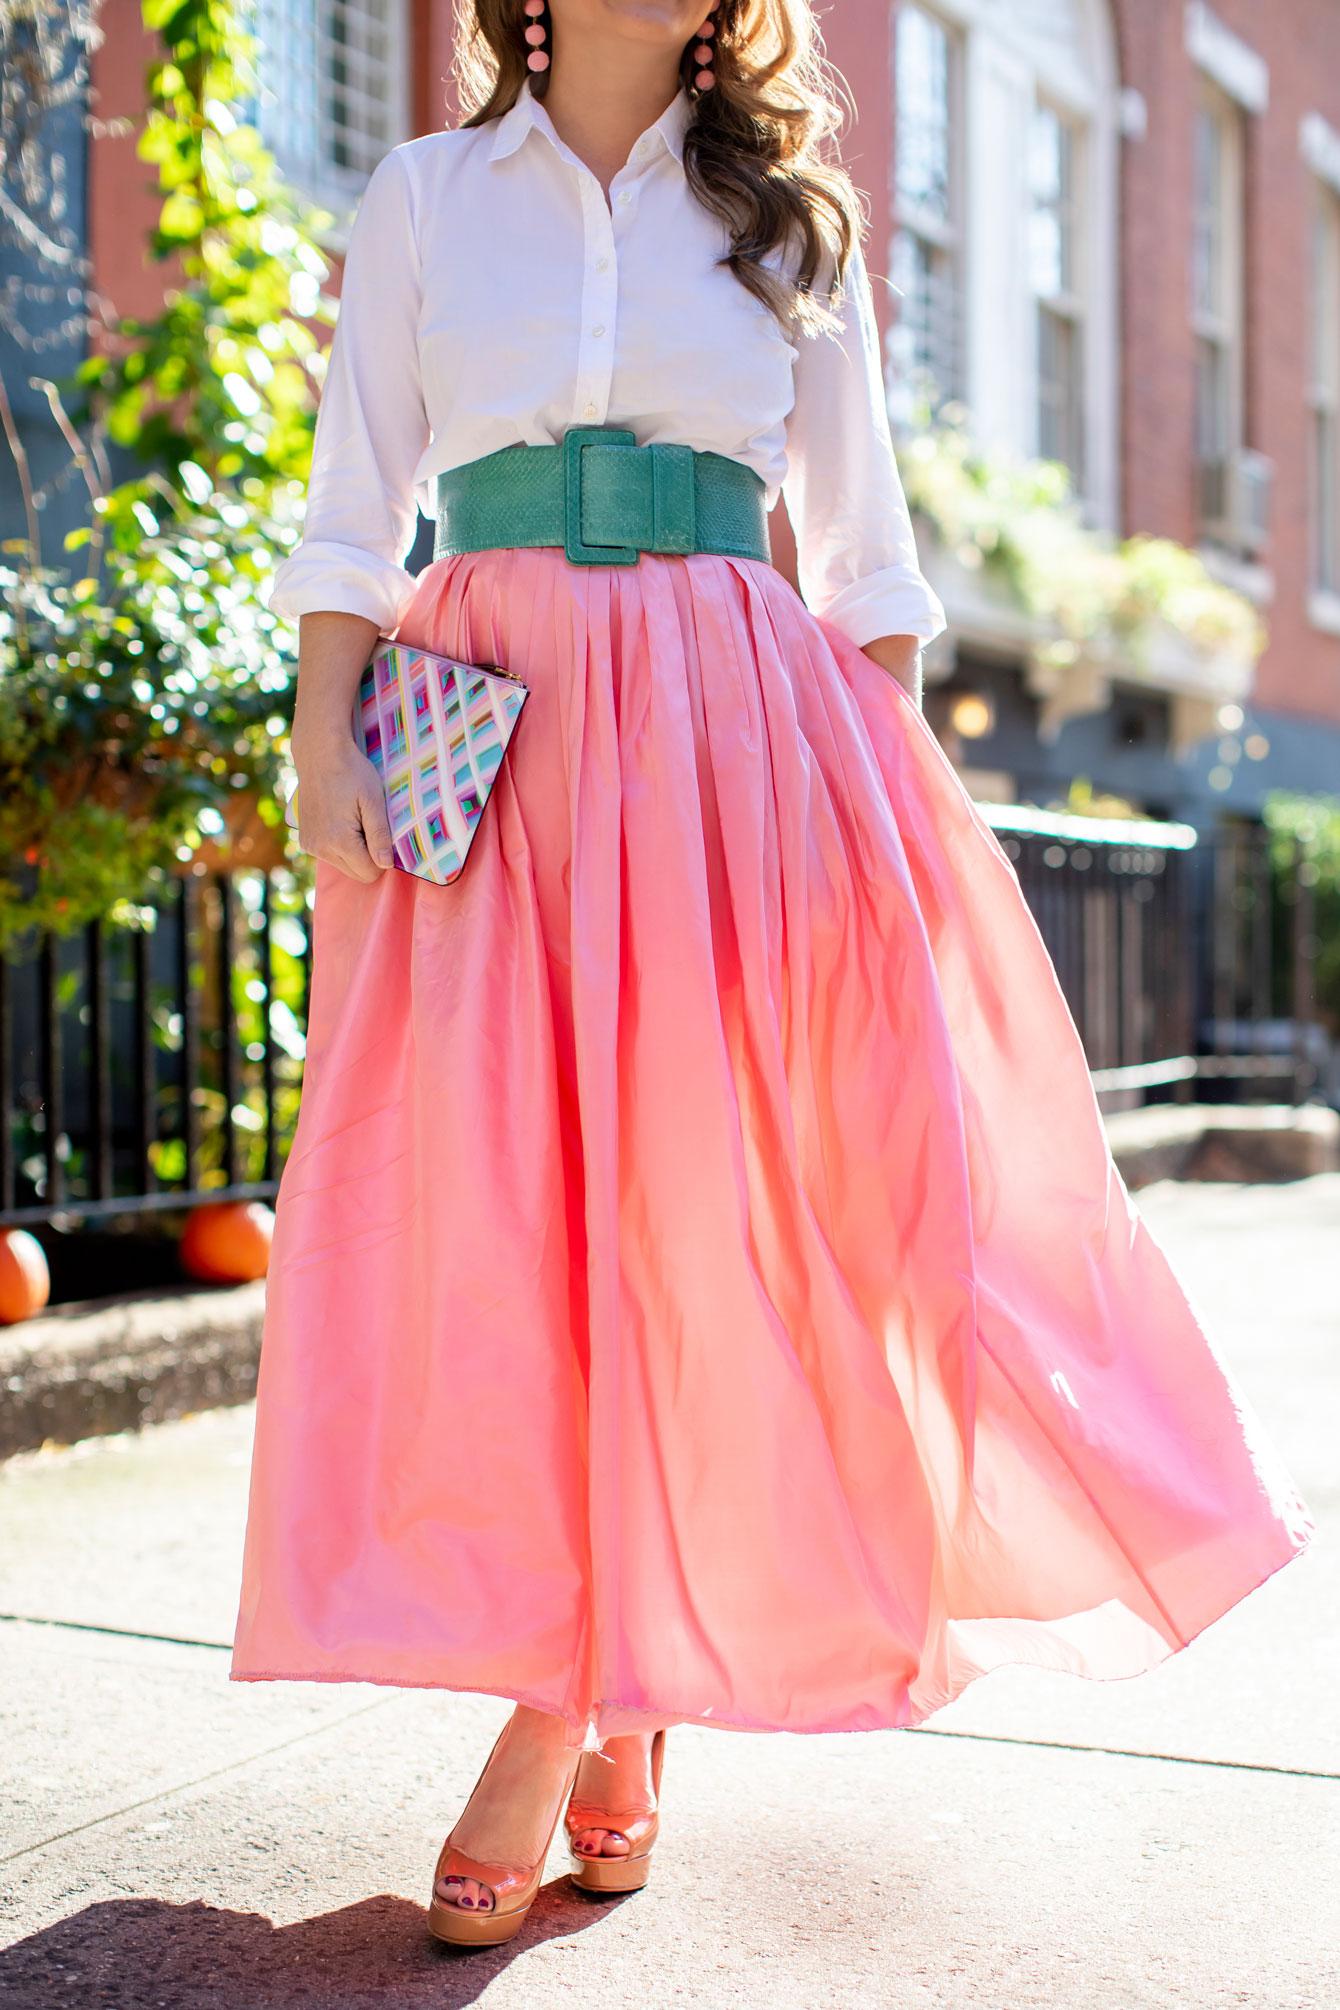 Carolina Herrera Fall 2018 Ball Skirt